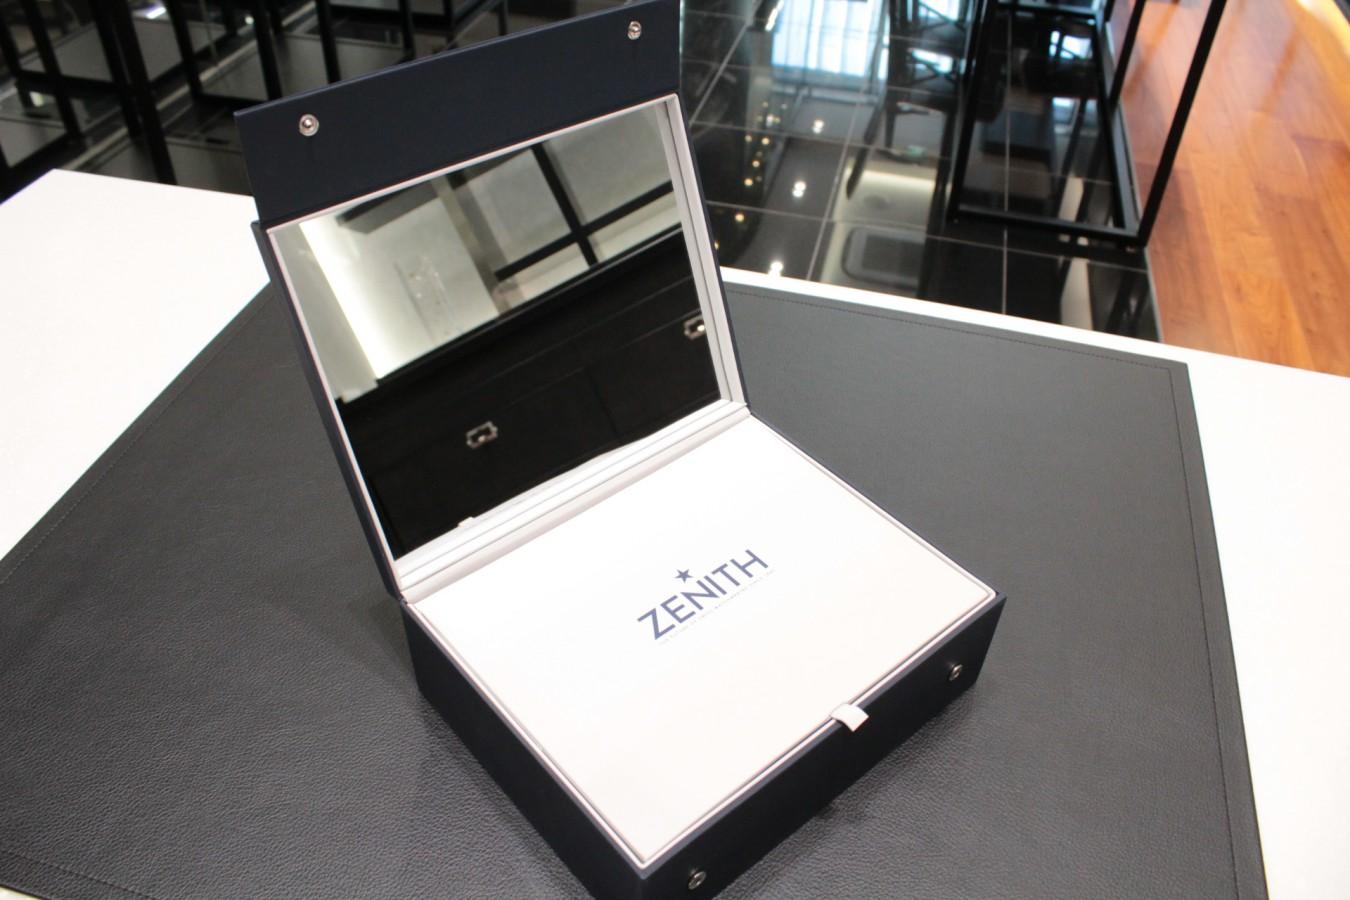 IMG_4619 ゼニスの2020年新作レディースモデル「デファイ ミッドナイト」が入荷! - DEFY